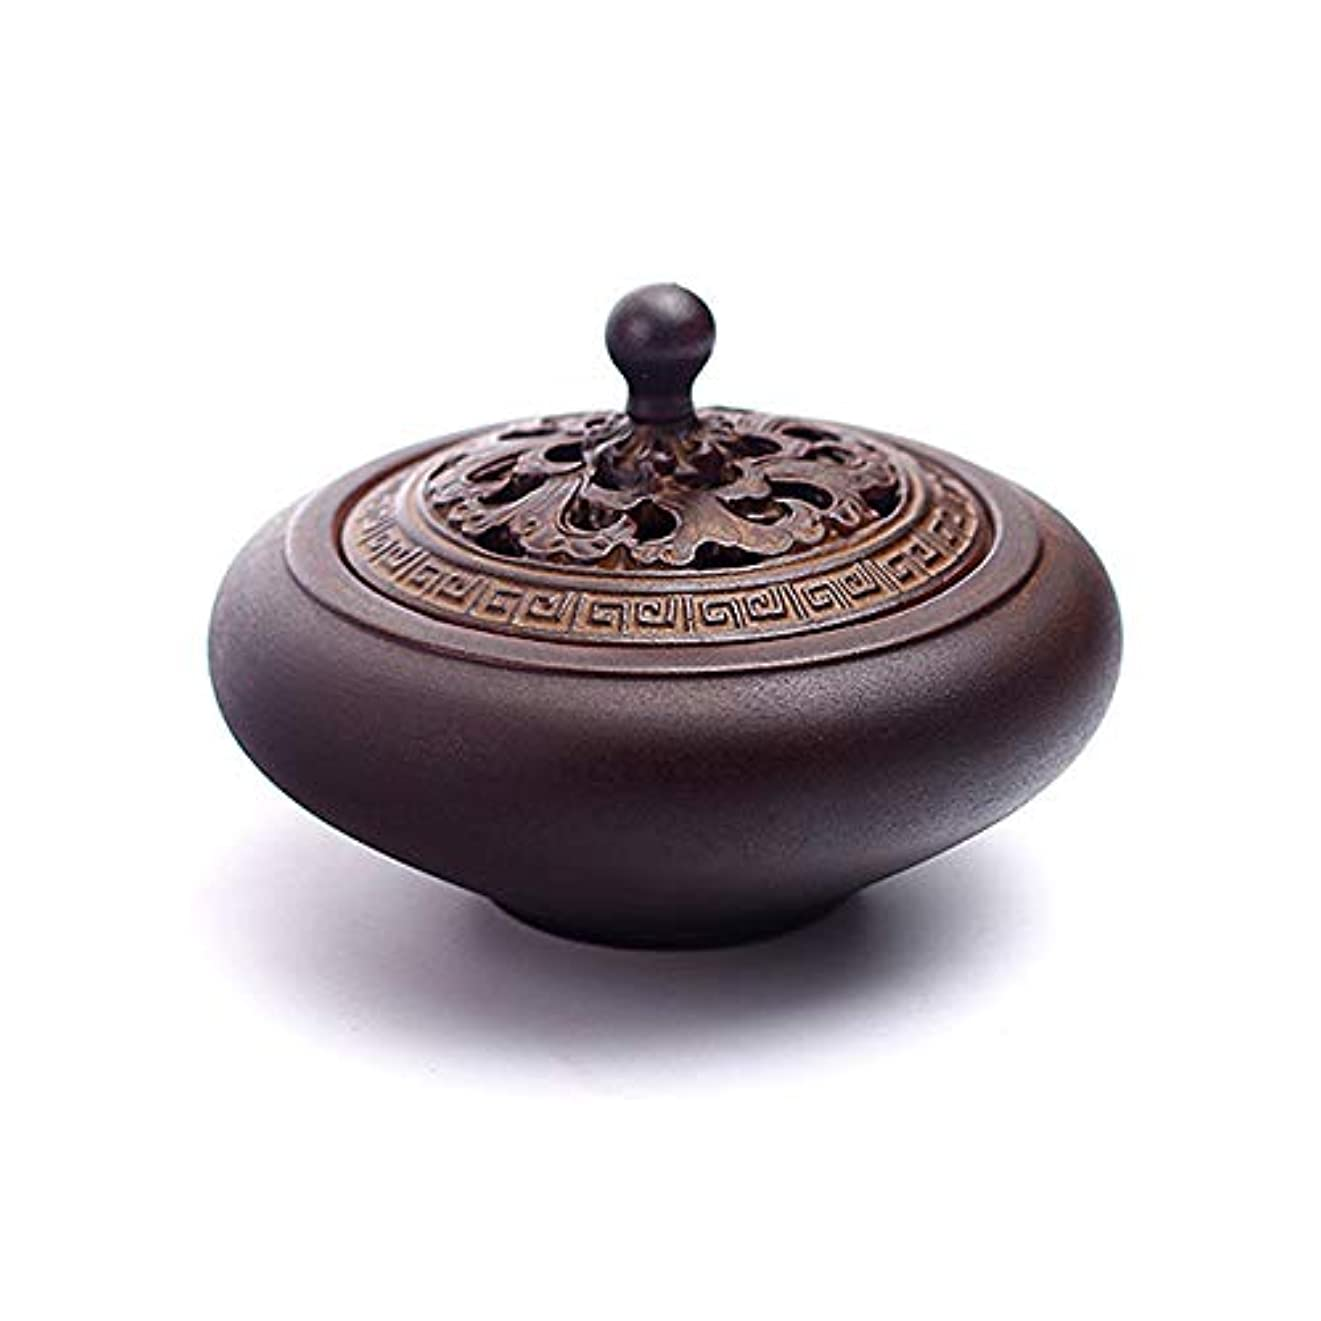 フォーマット大陸誇張するHAMILO 蓋付香炉 陶器 中国風 古典 アロマ 癒し 香道 お香 コーン 抹香 手作り 木製台付 (ブラウン)